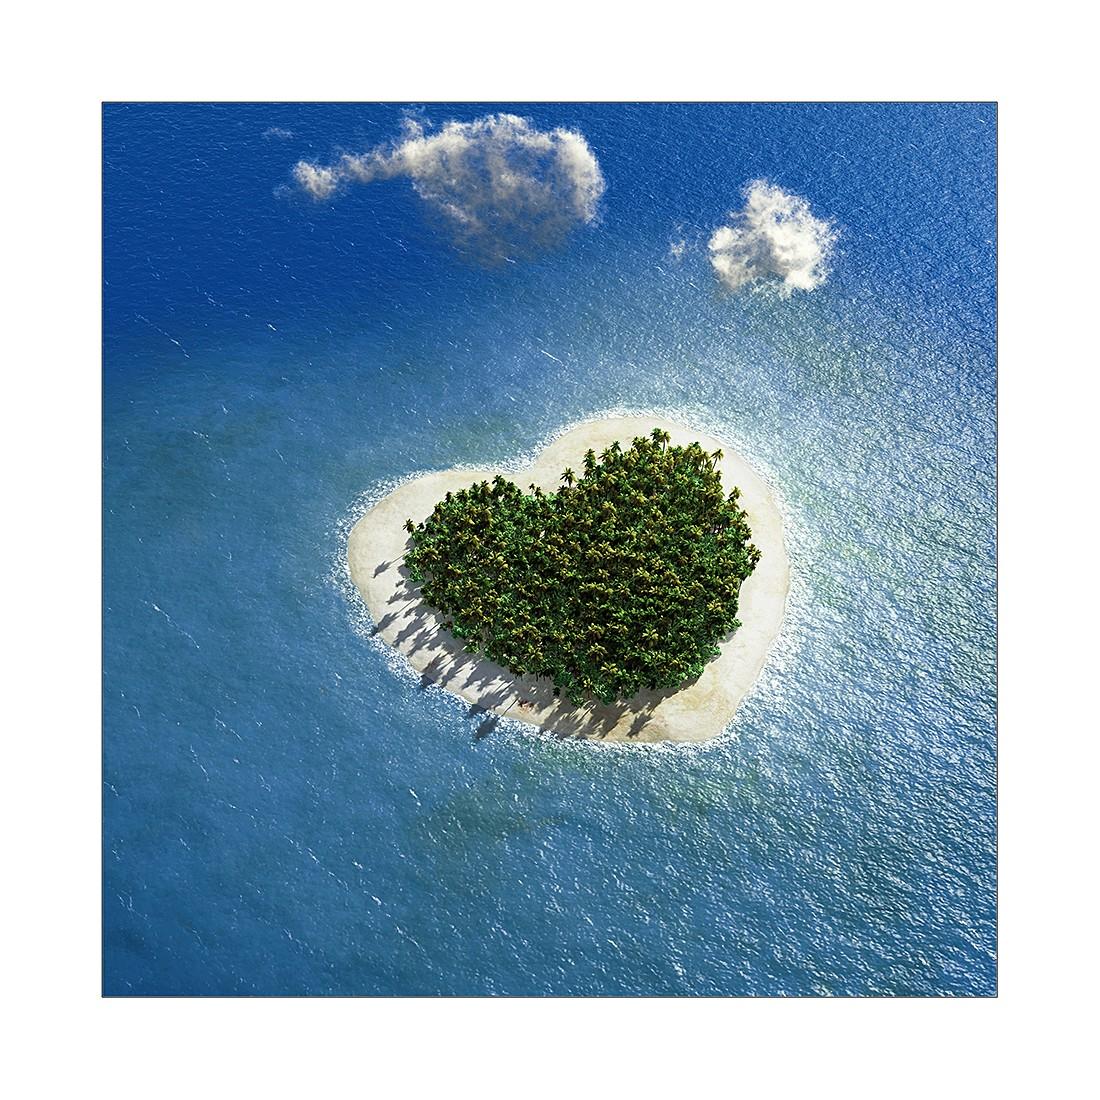 Kunstdruk Island of love II - 20x20cm, Pro Art